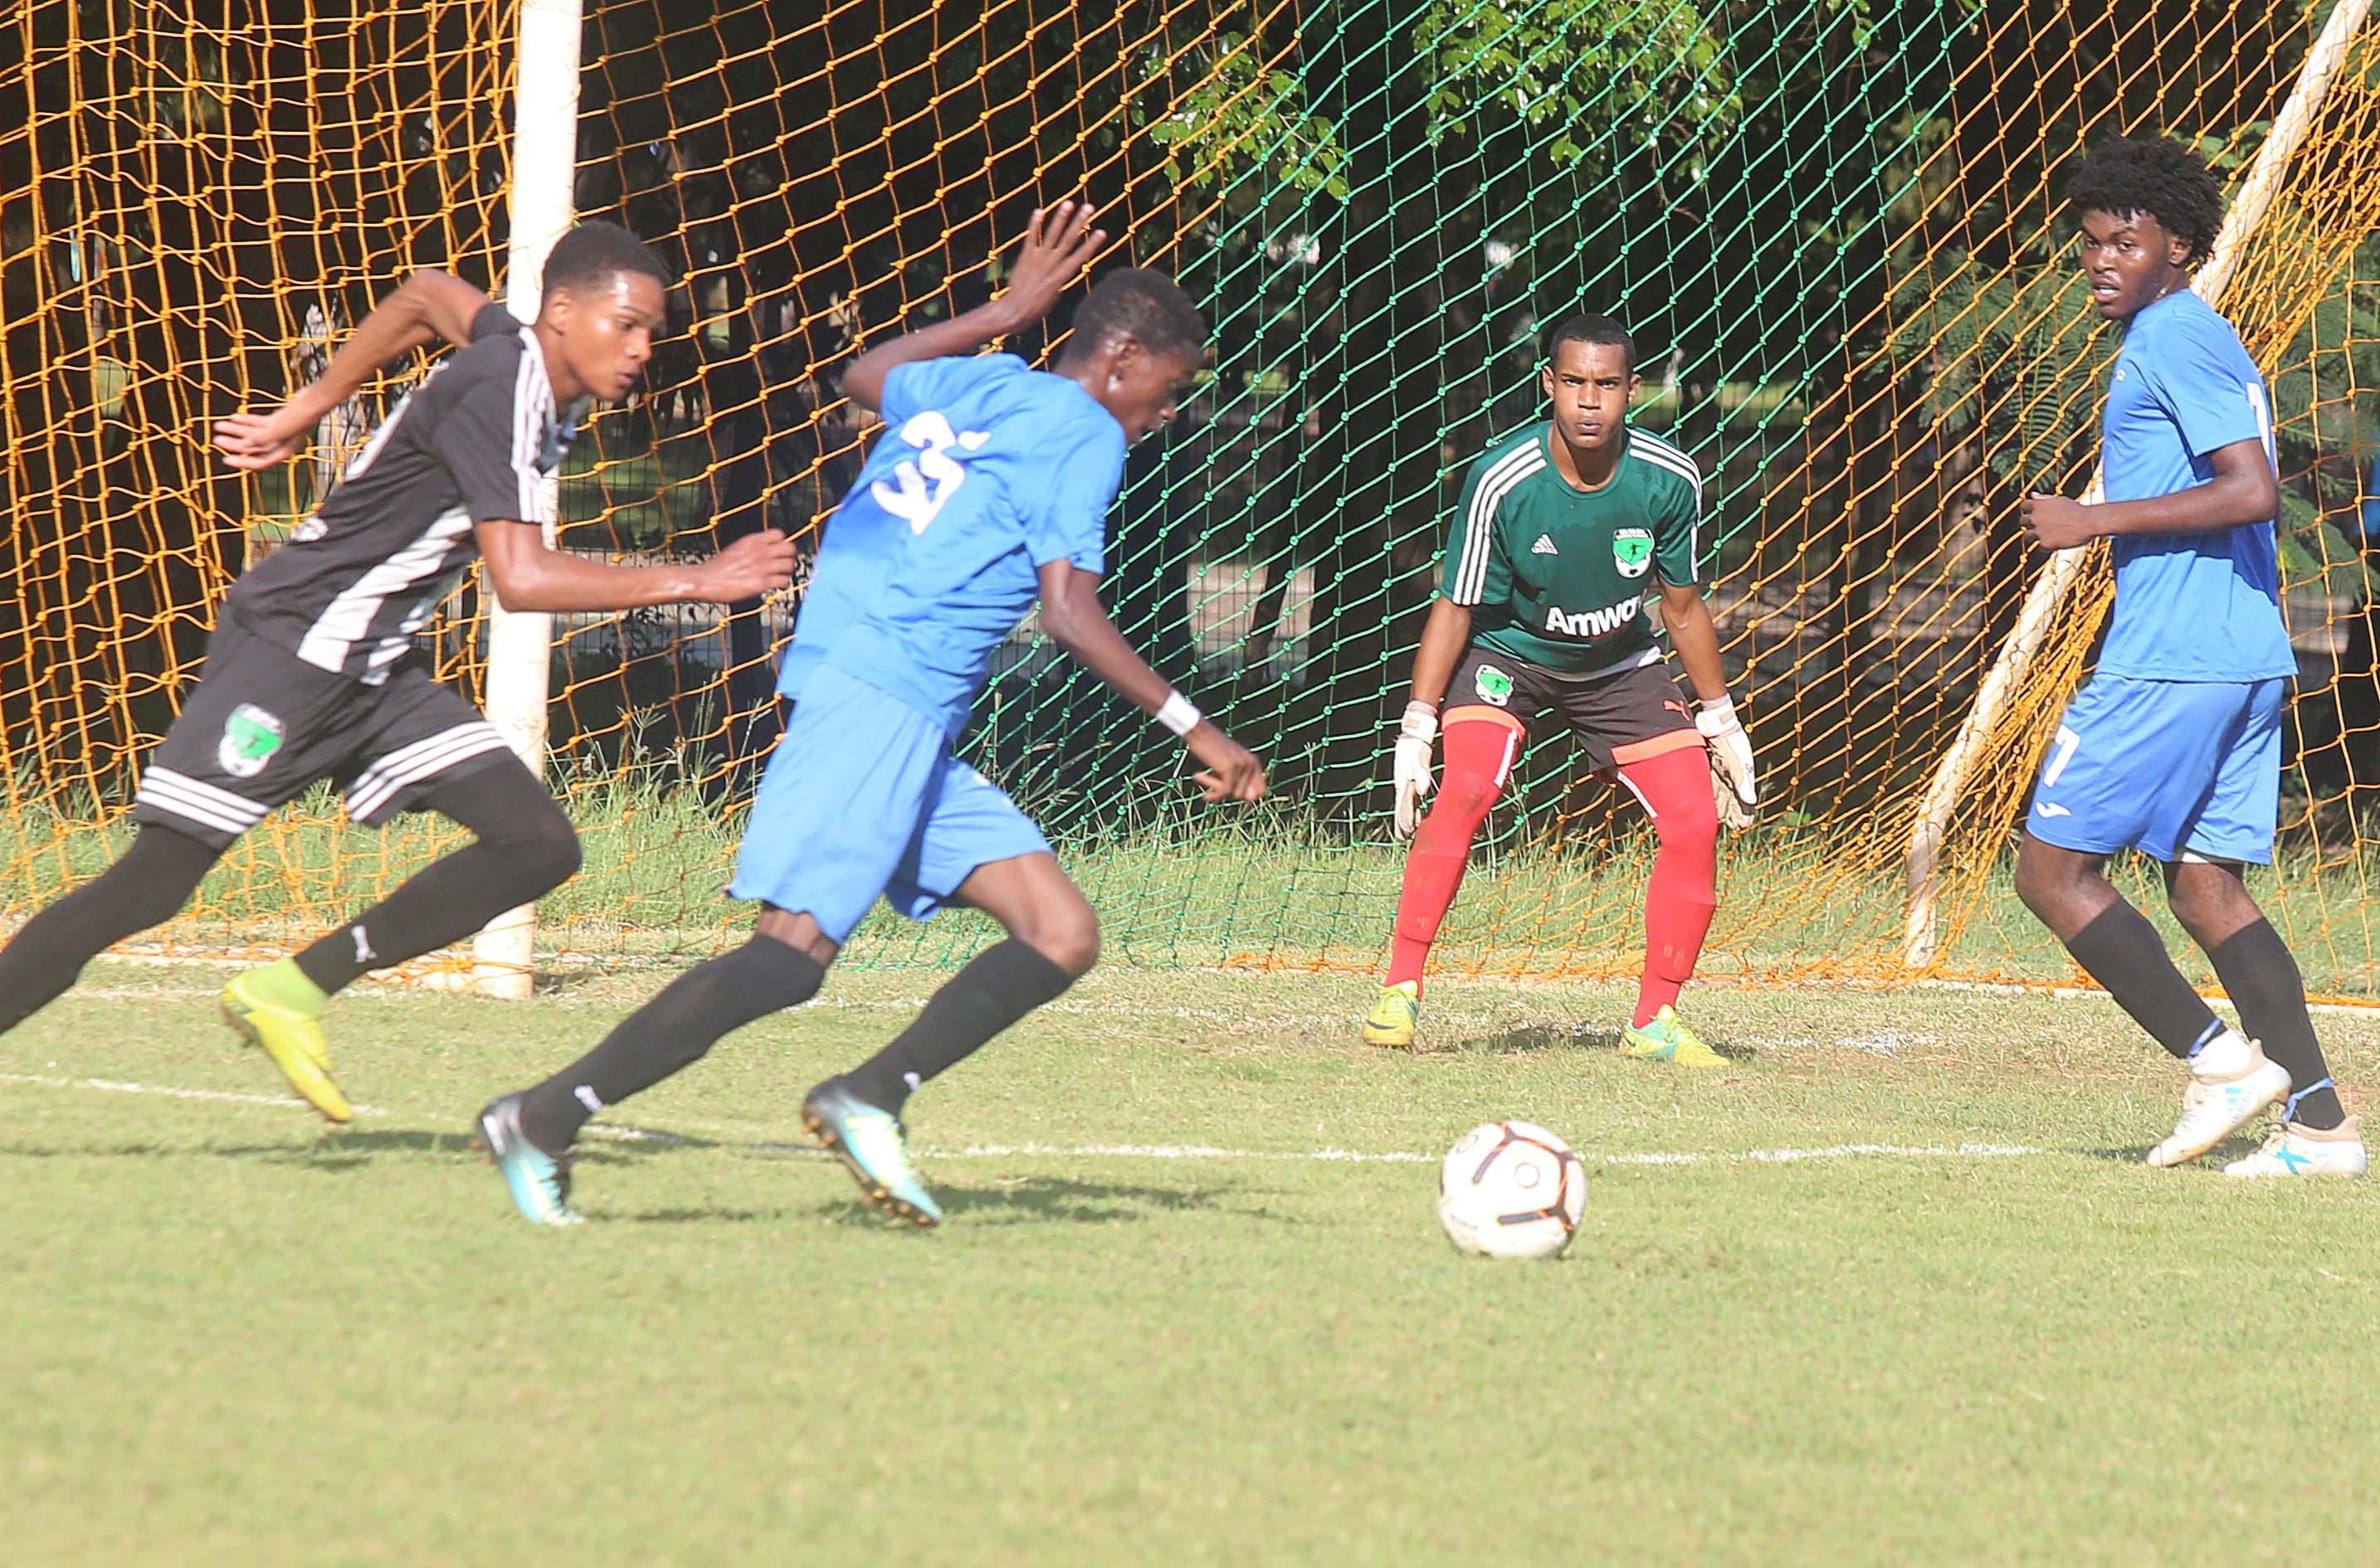 Bob FC, Atlético Romana Unidos y Atlético Cibao lideran grupos en Serie B de LDF